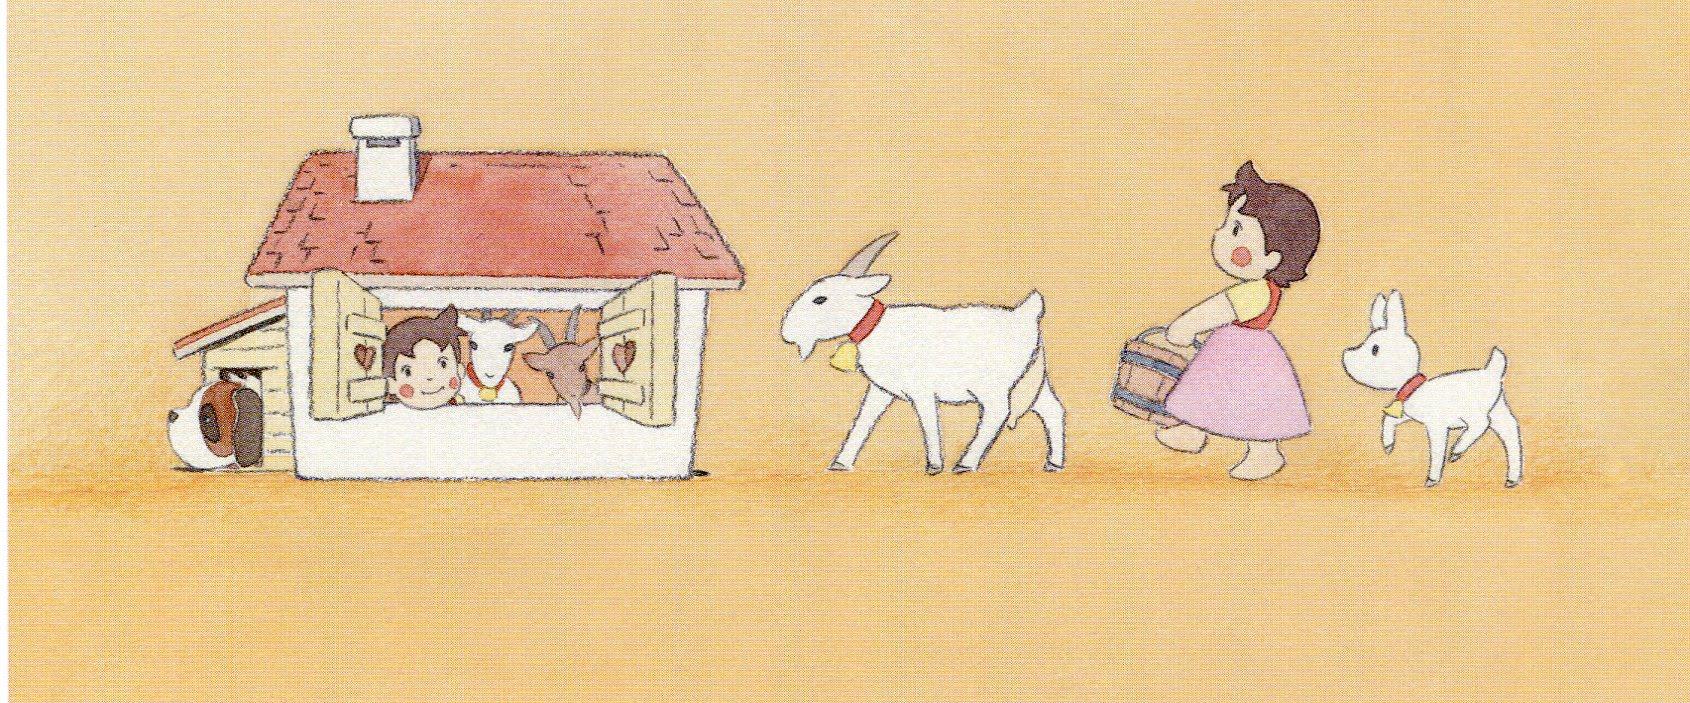 猫アリーナ 小田部羊一が描くアルプスの少女ハイジの世界展 丸善